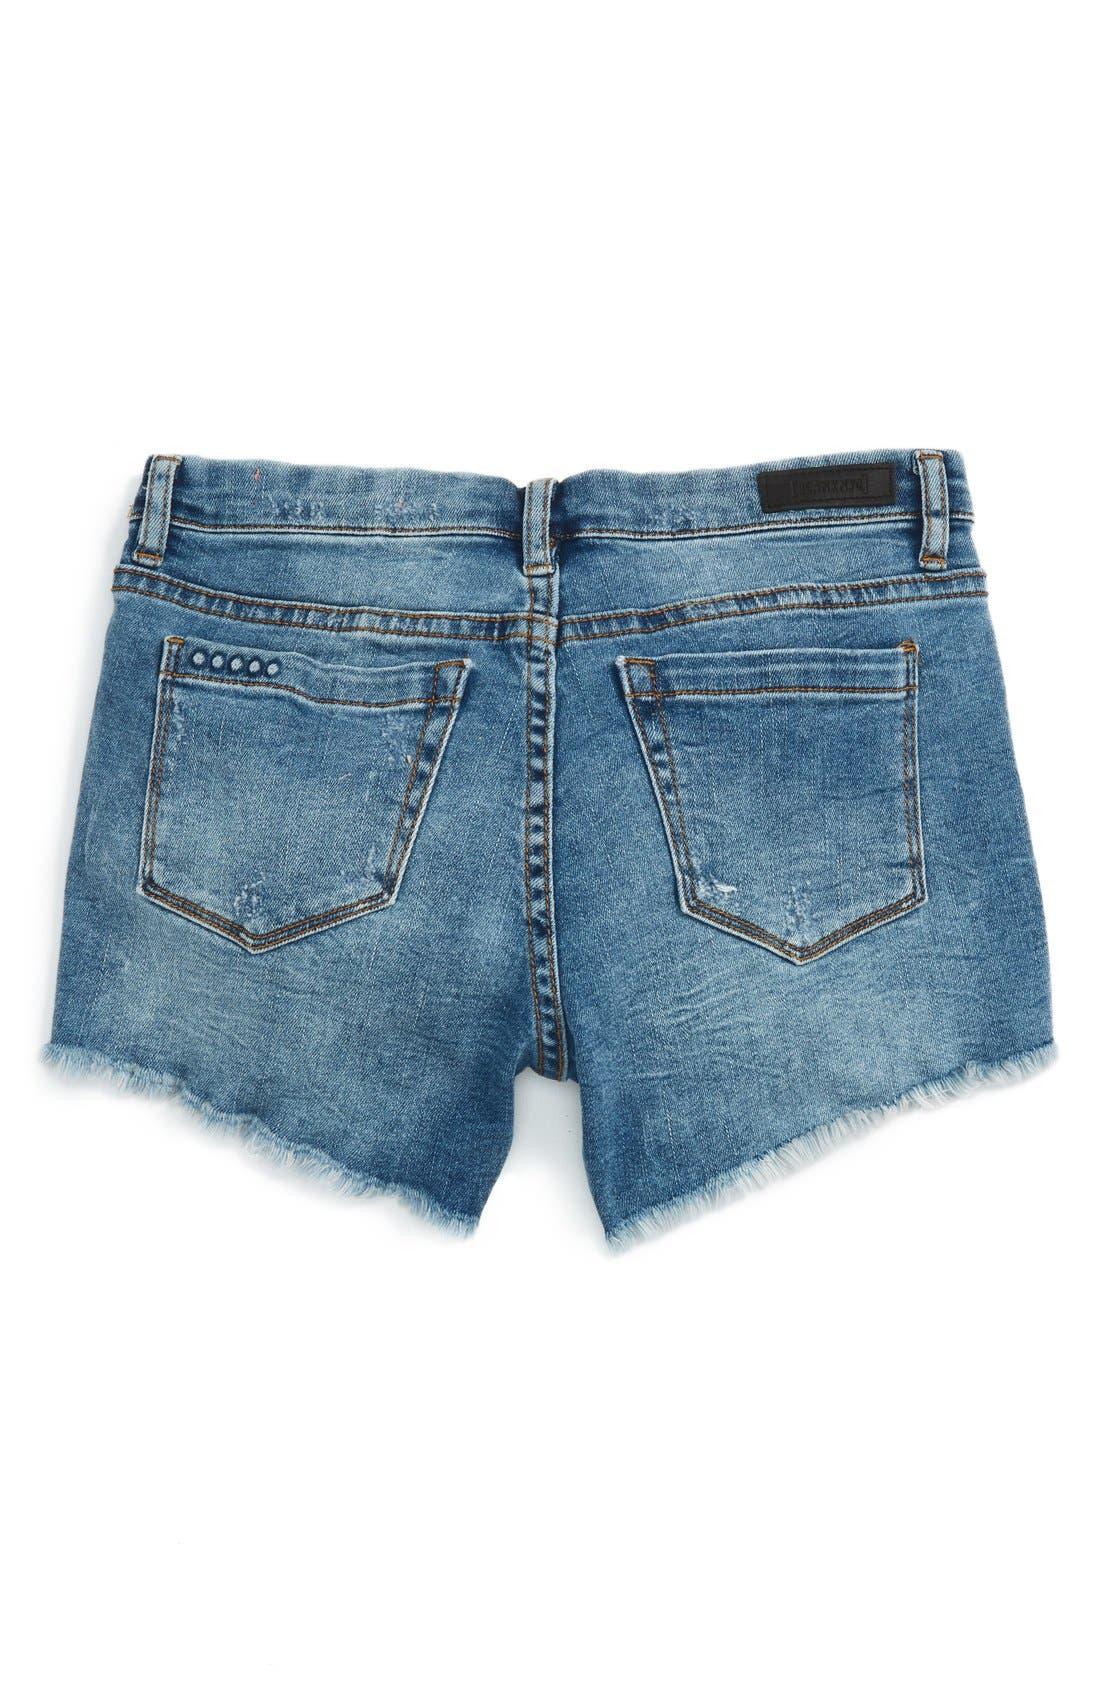 Alternate Image 2  - BLANKNYC Cutoff Denim Shorts (Big Girls)